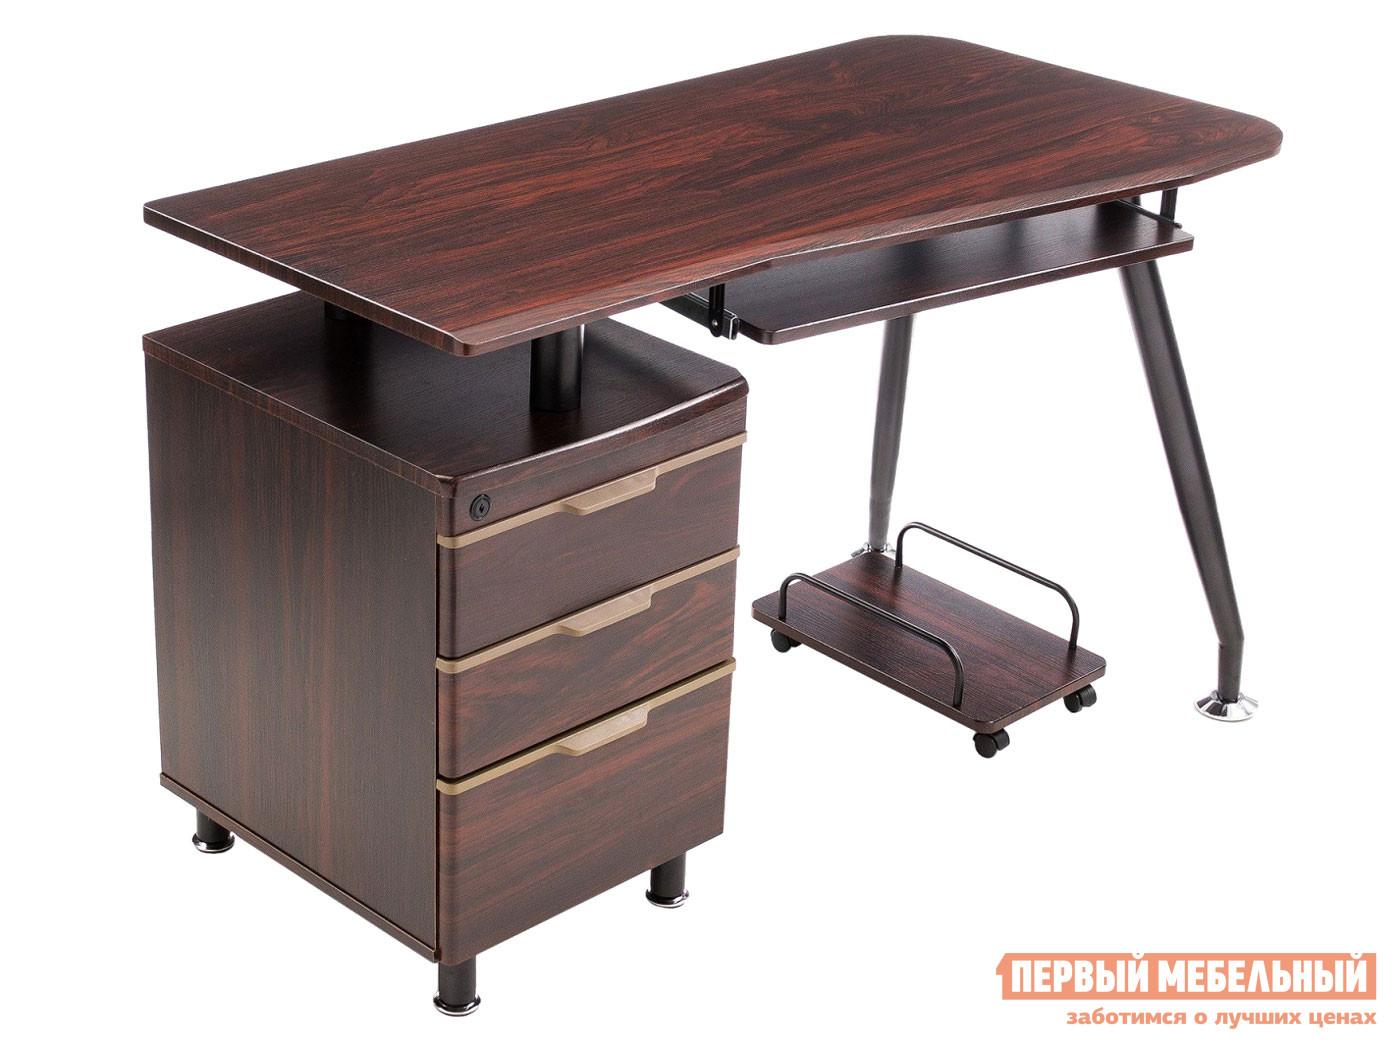 Фото - Компьютерный стол Первый Мебельный Erida компьютерный стол первый мебельный комфорт 12 72